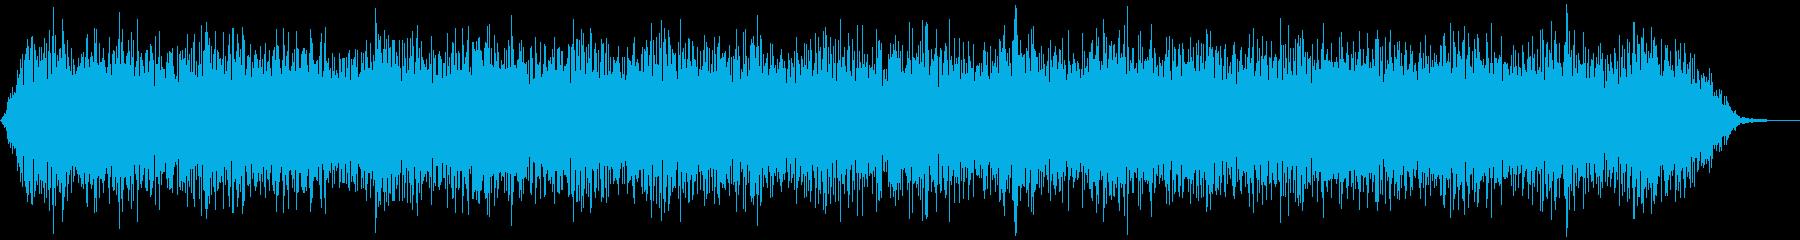 【アンビエント】ドローン_41 実験音の再生済みの波形